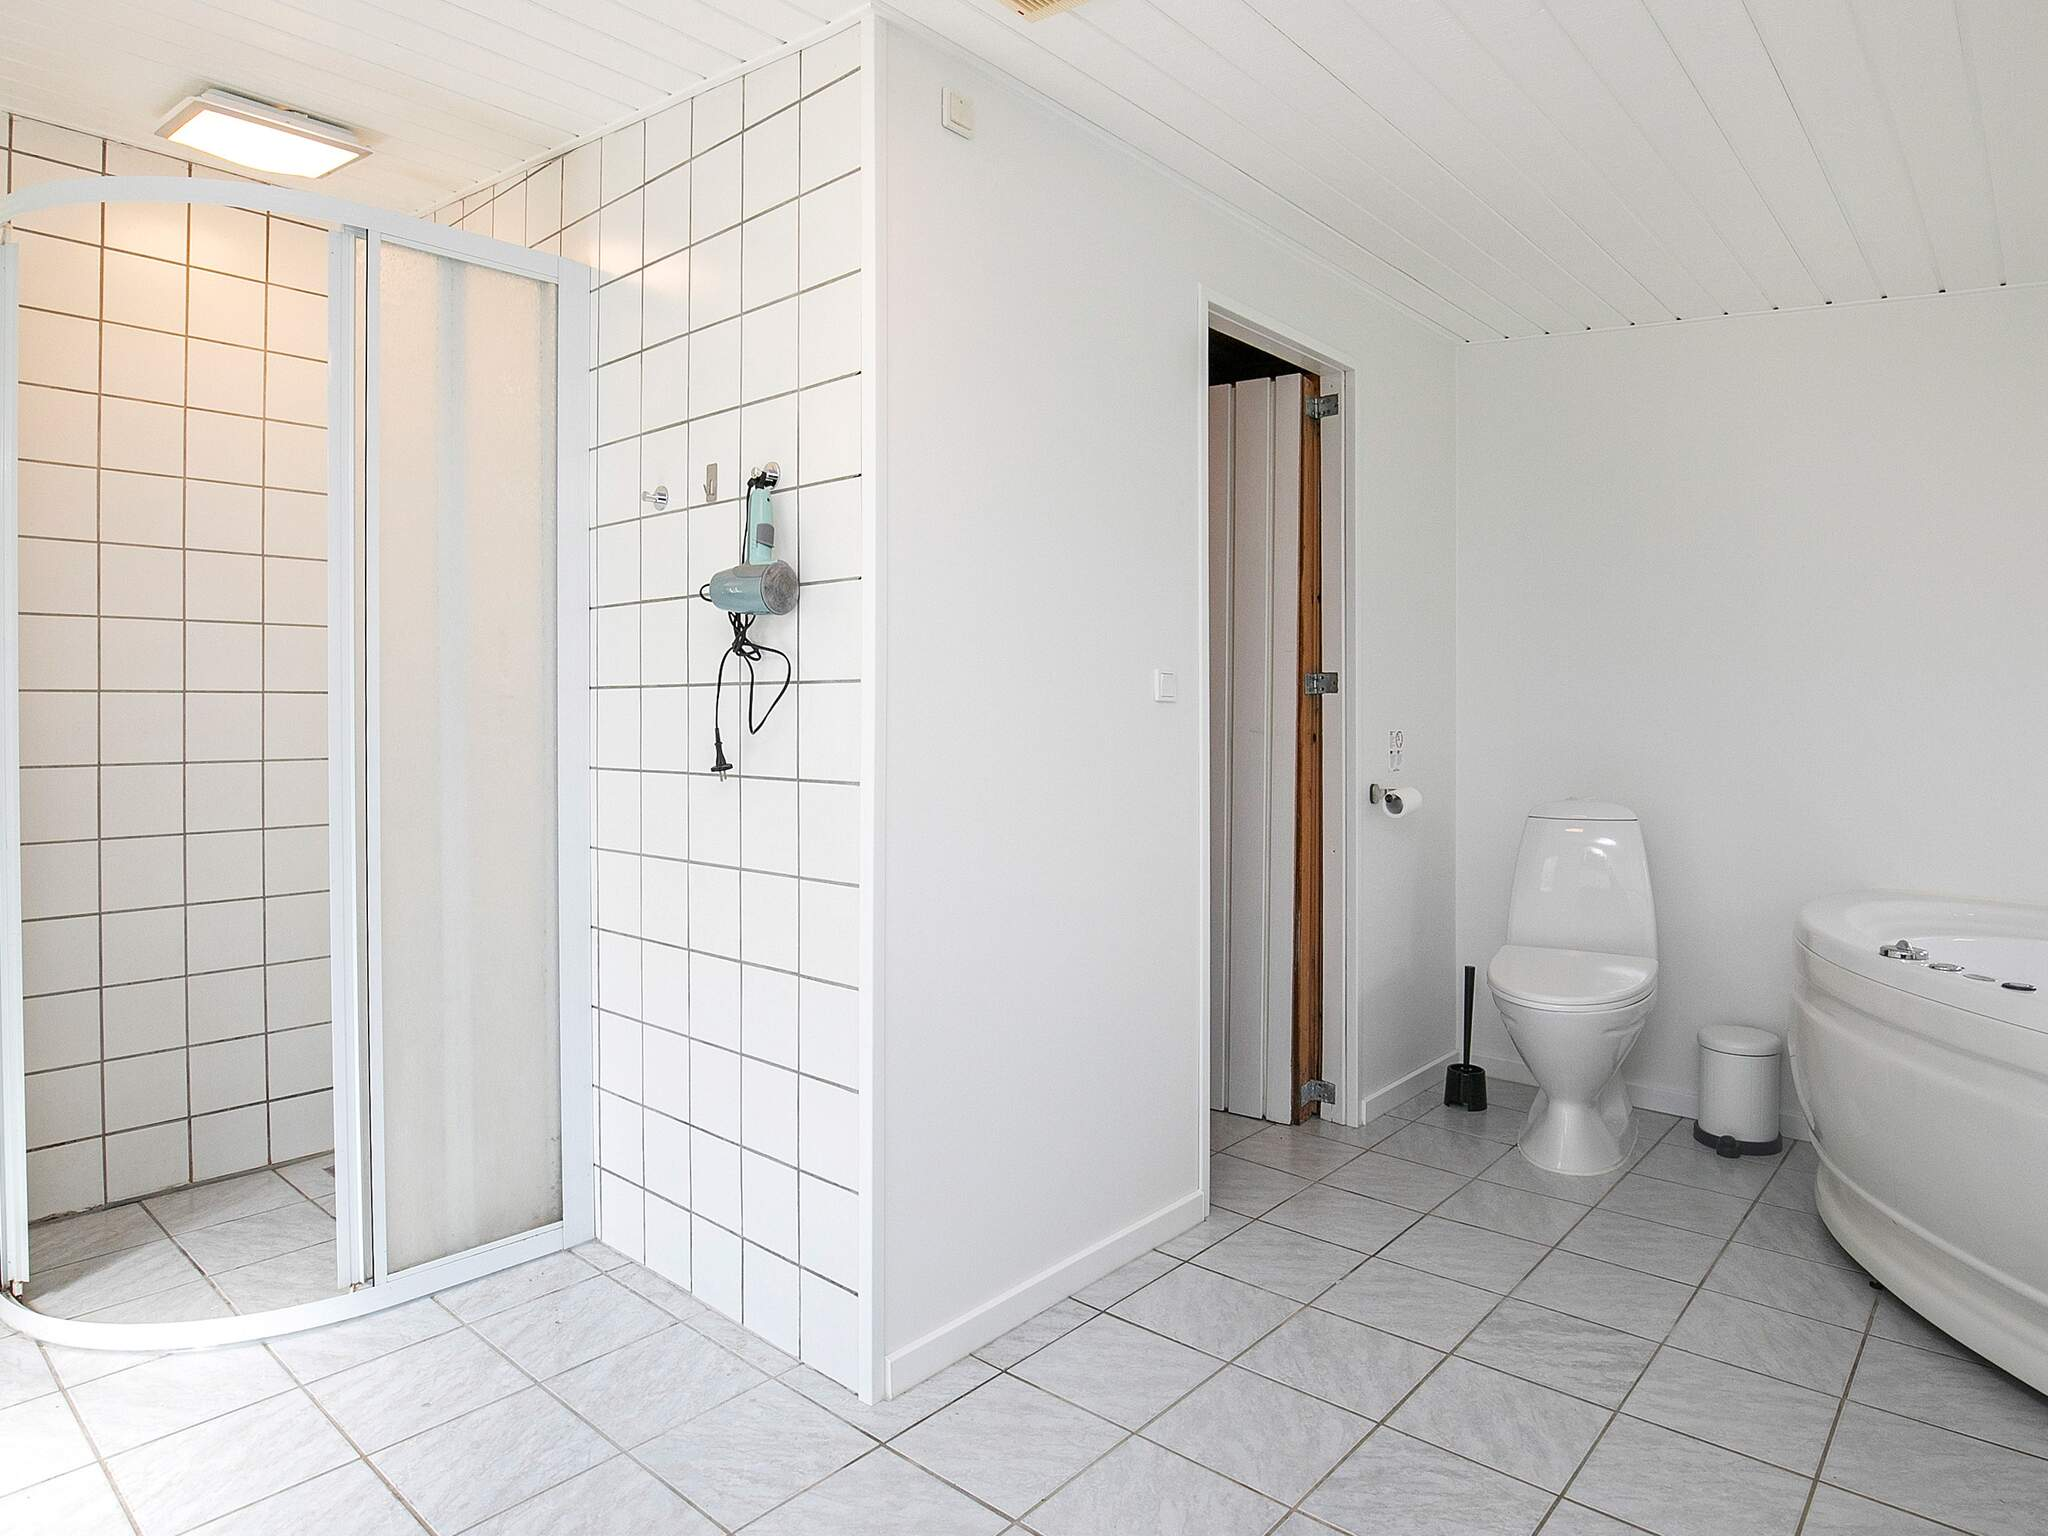 Ferienhaus Hou (2567401), Hou, , Dänische Ostsee, Dänemark, Bild 9